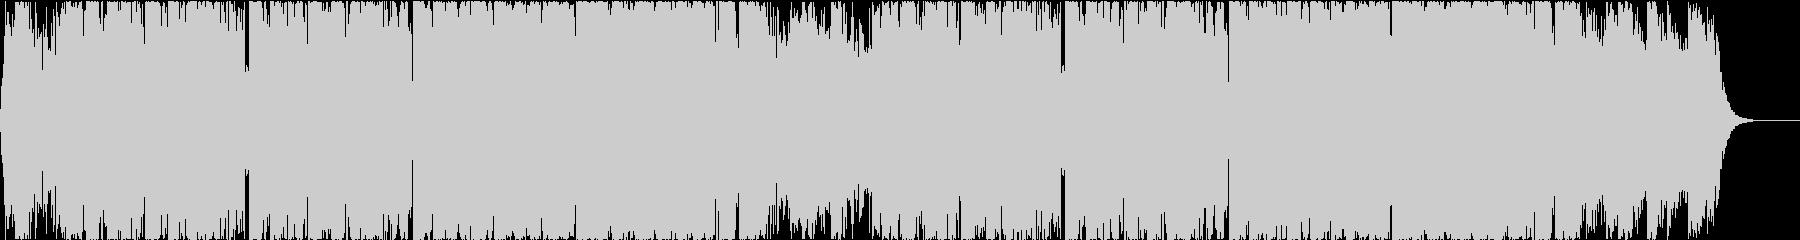 デジタルでエモーショナルなヒップホップの未再生の波形